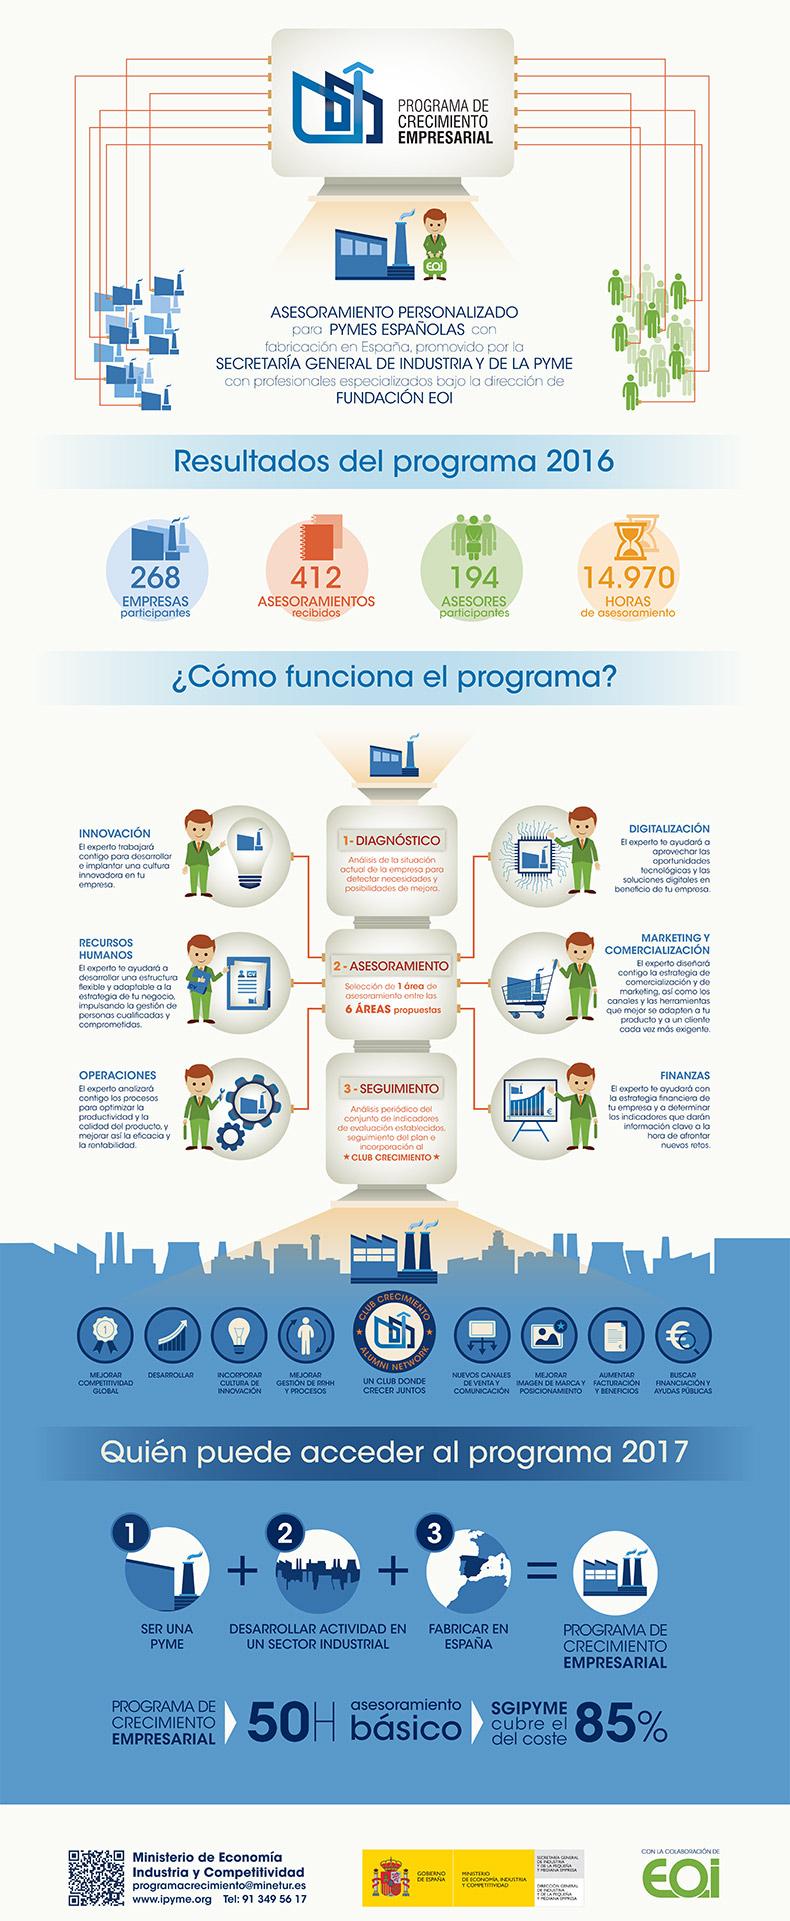 programa-crecimiento-empresarial